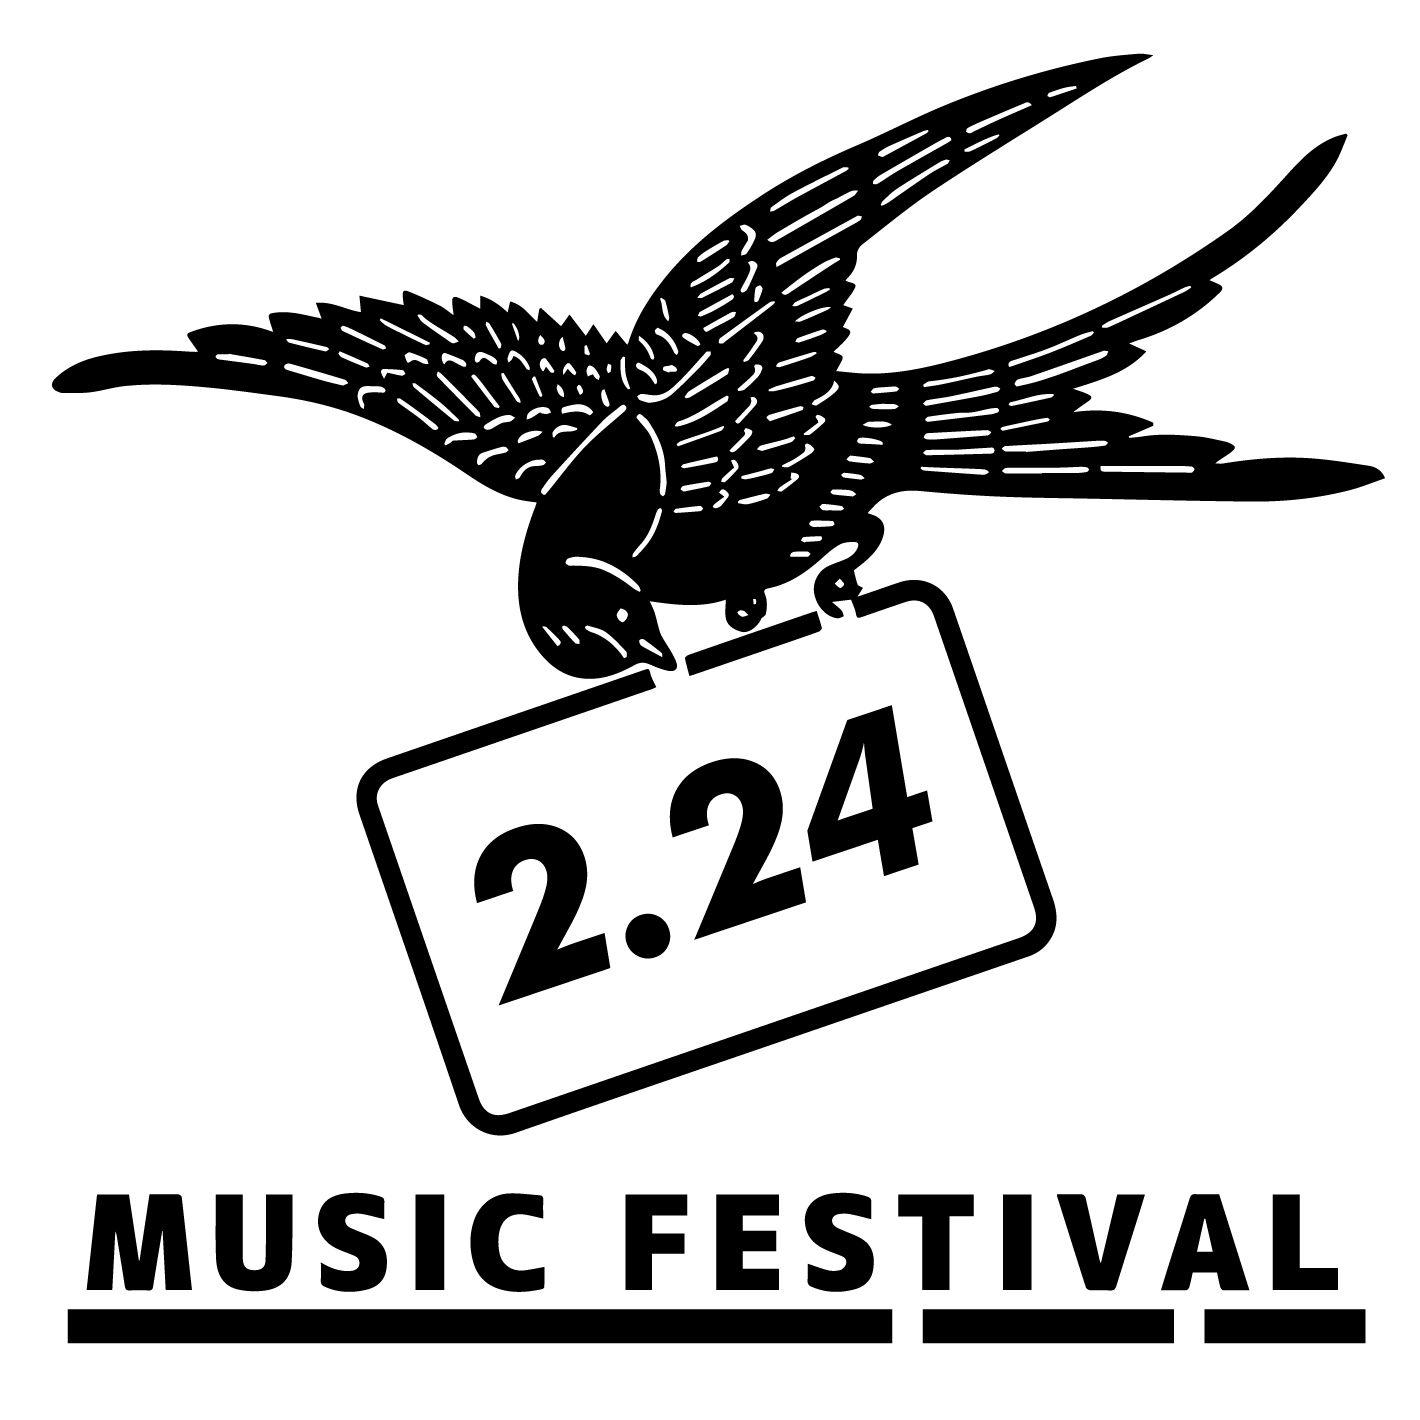 2.24音楽祭